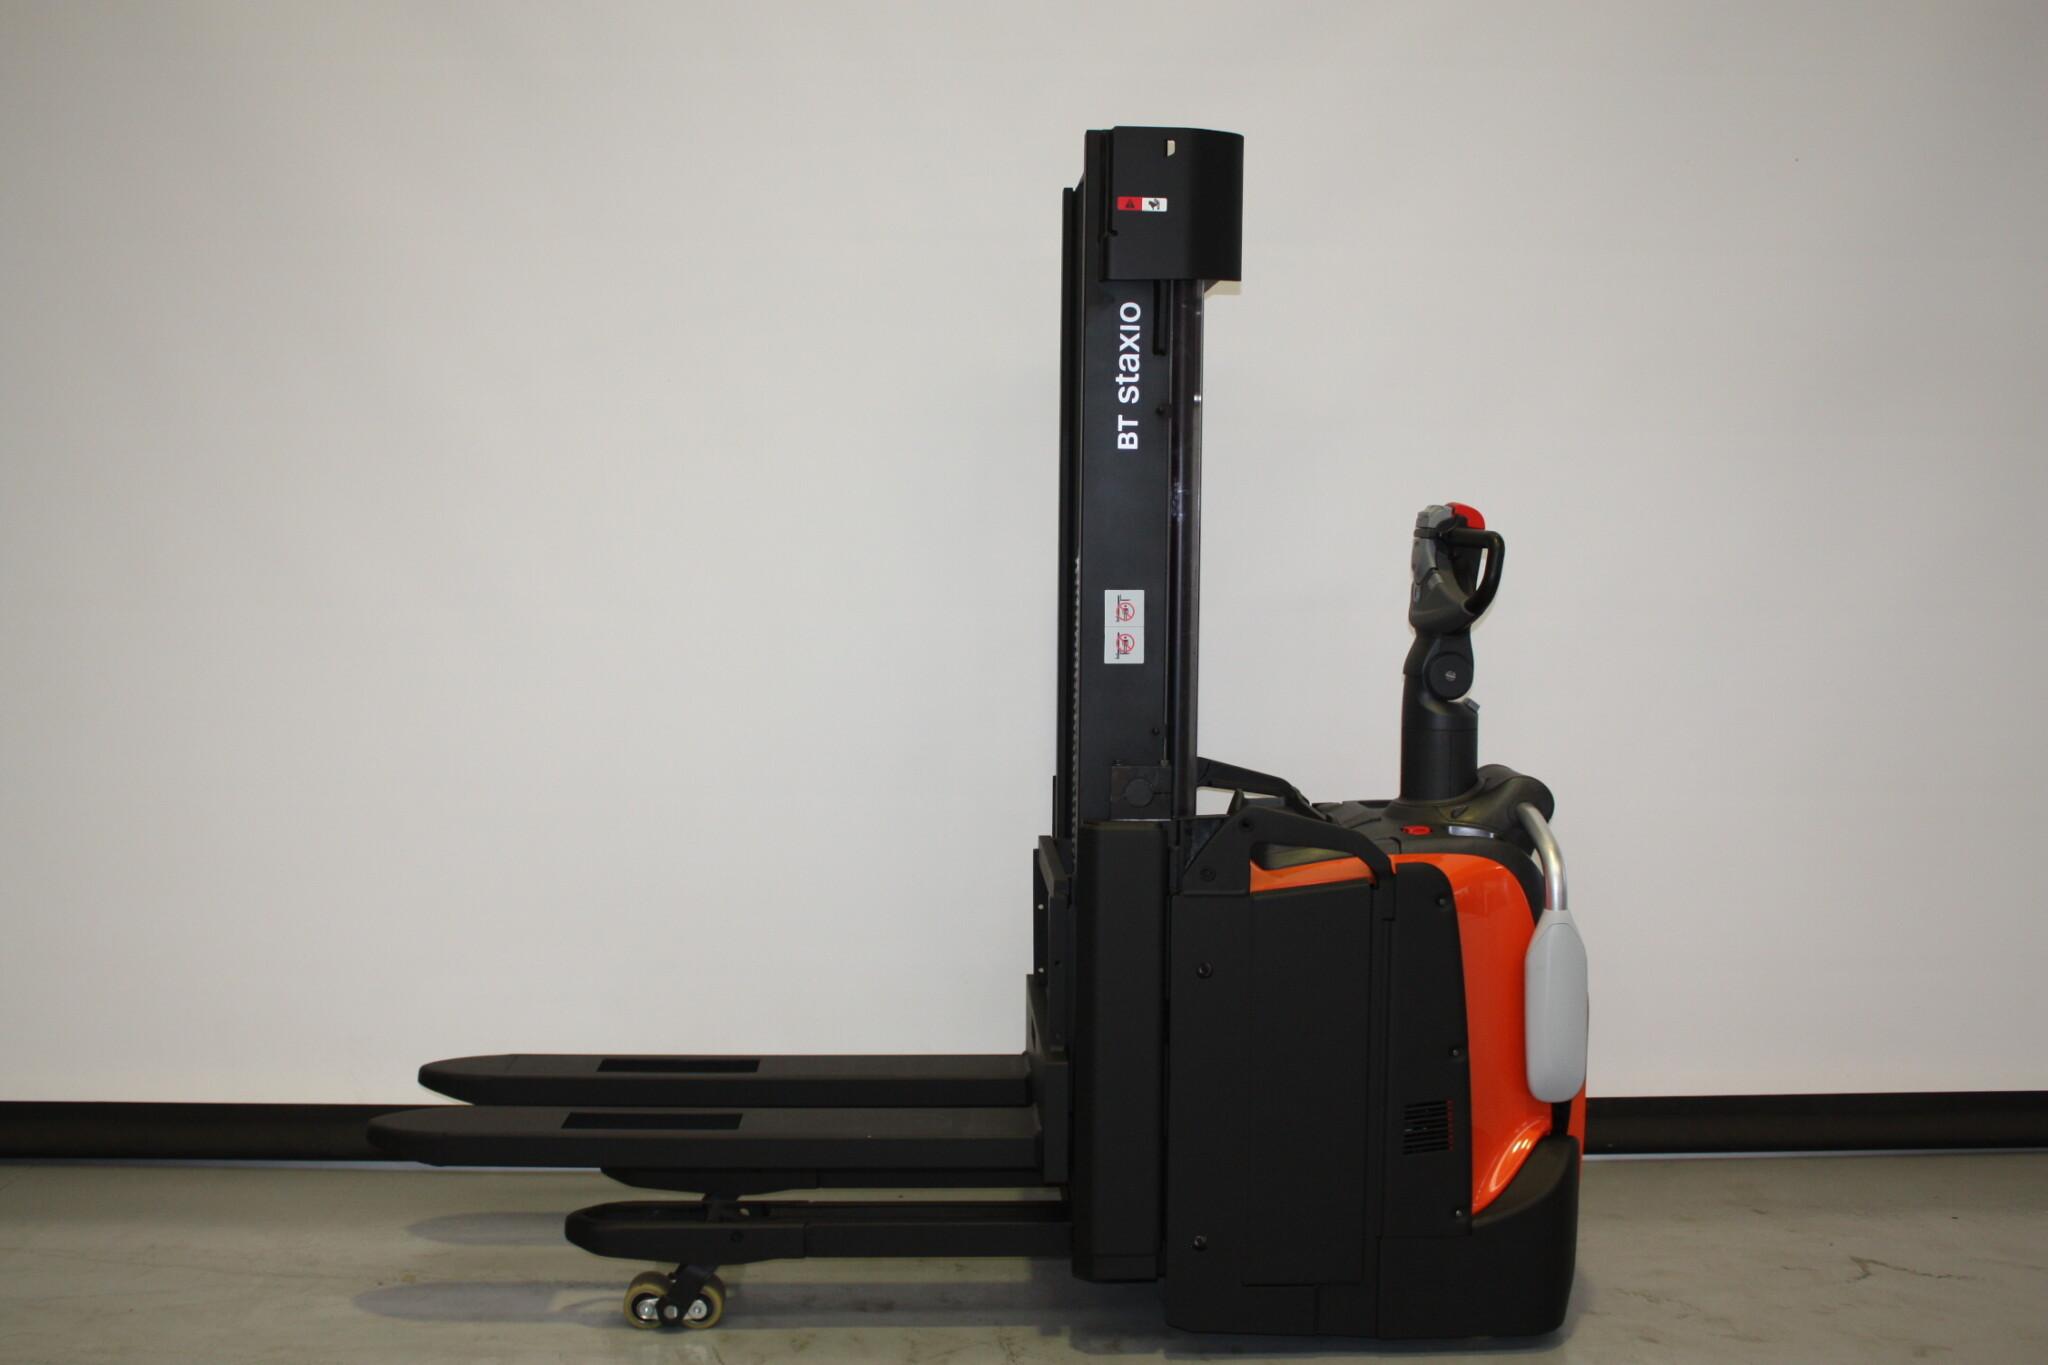 Toyota-Gabelstapler-59840 1906024638 1 scaled